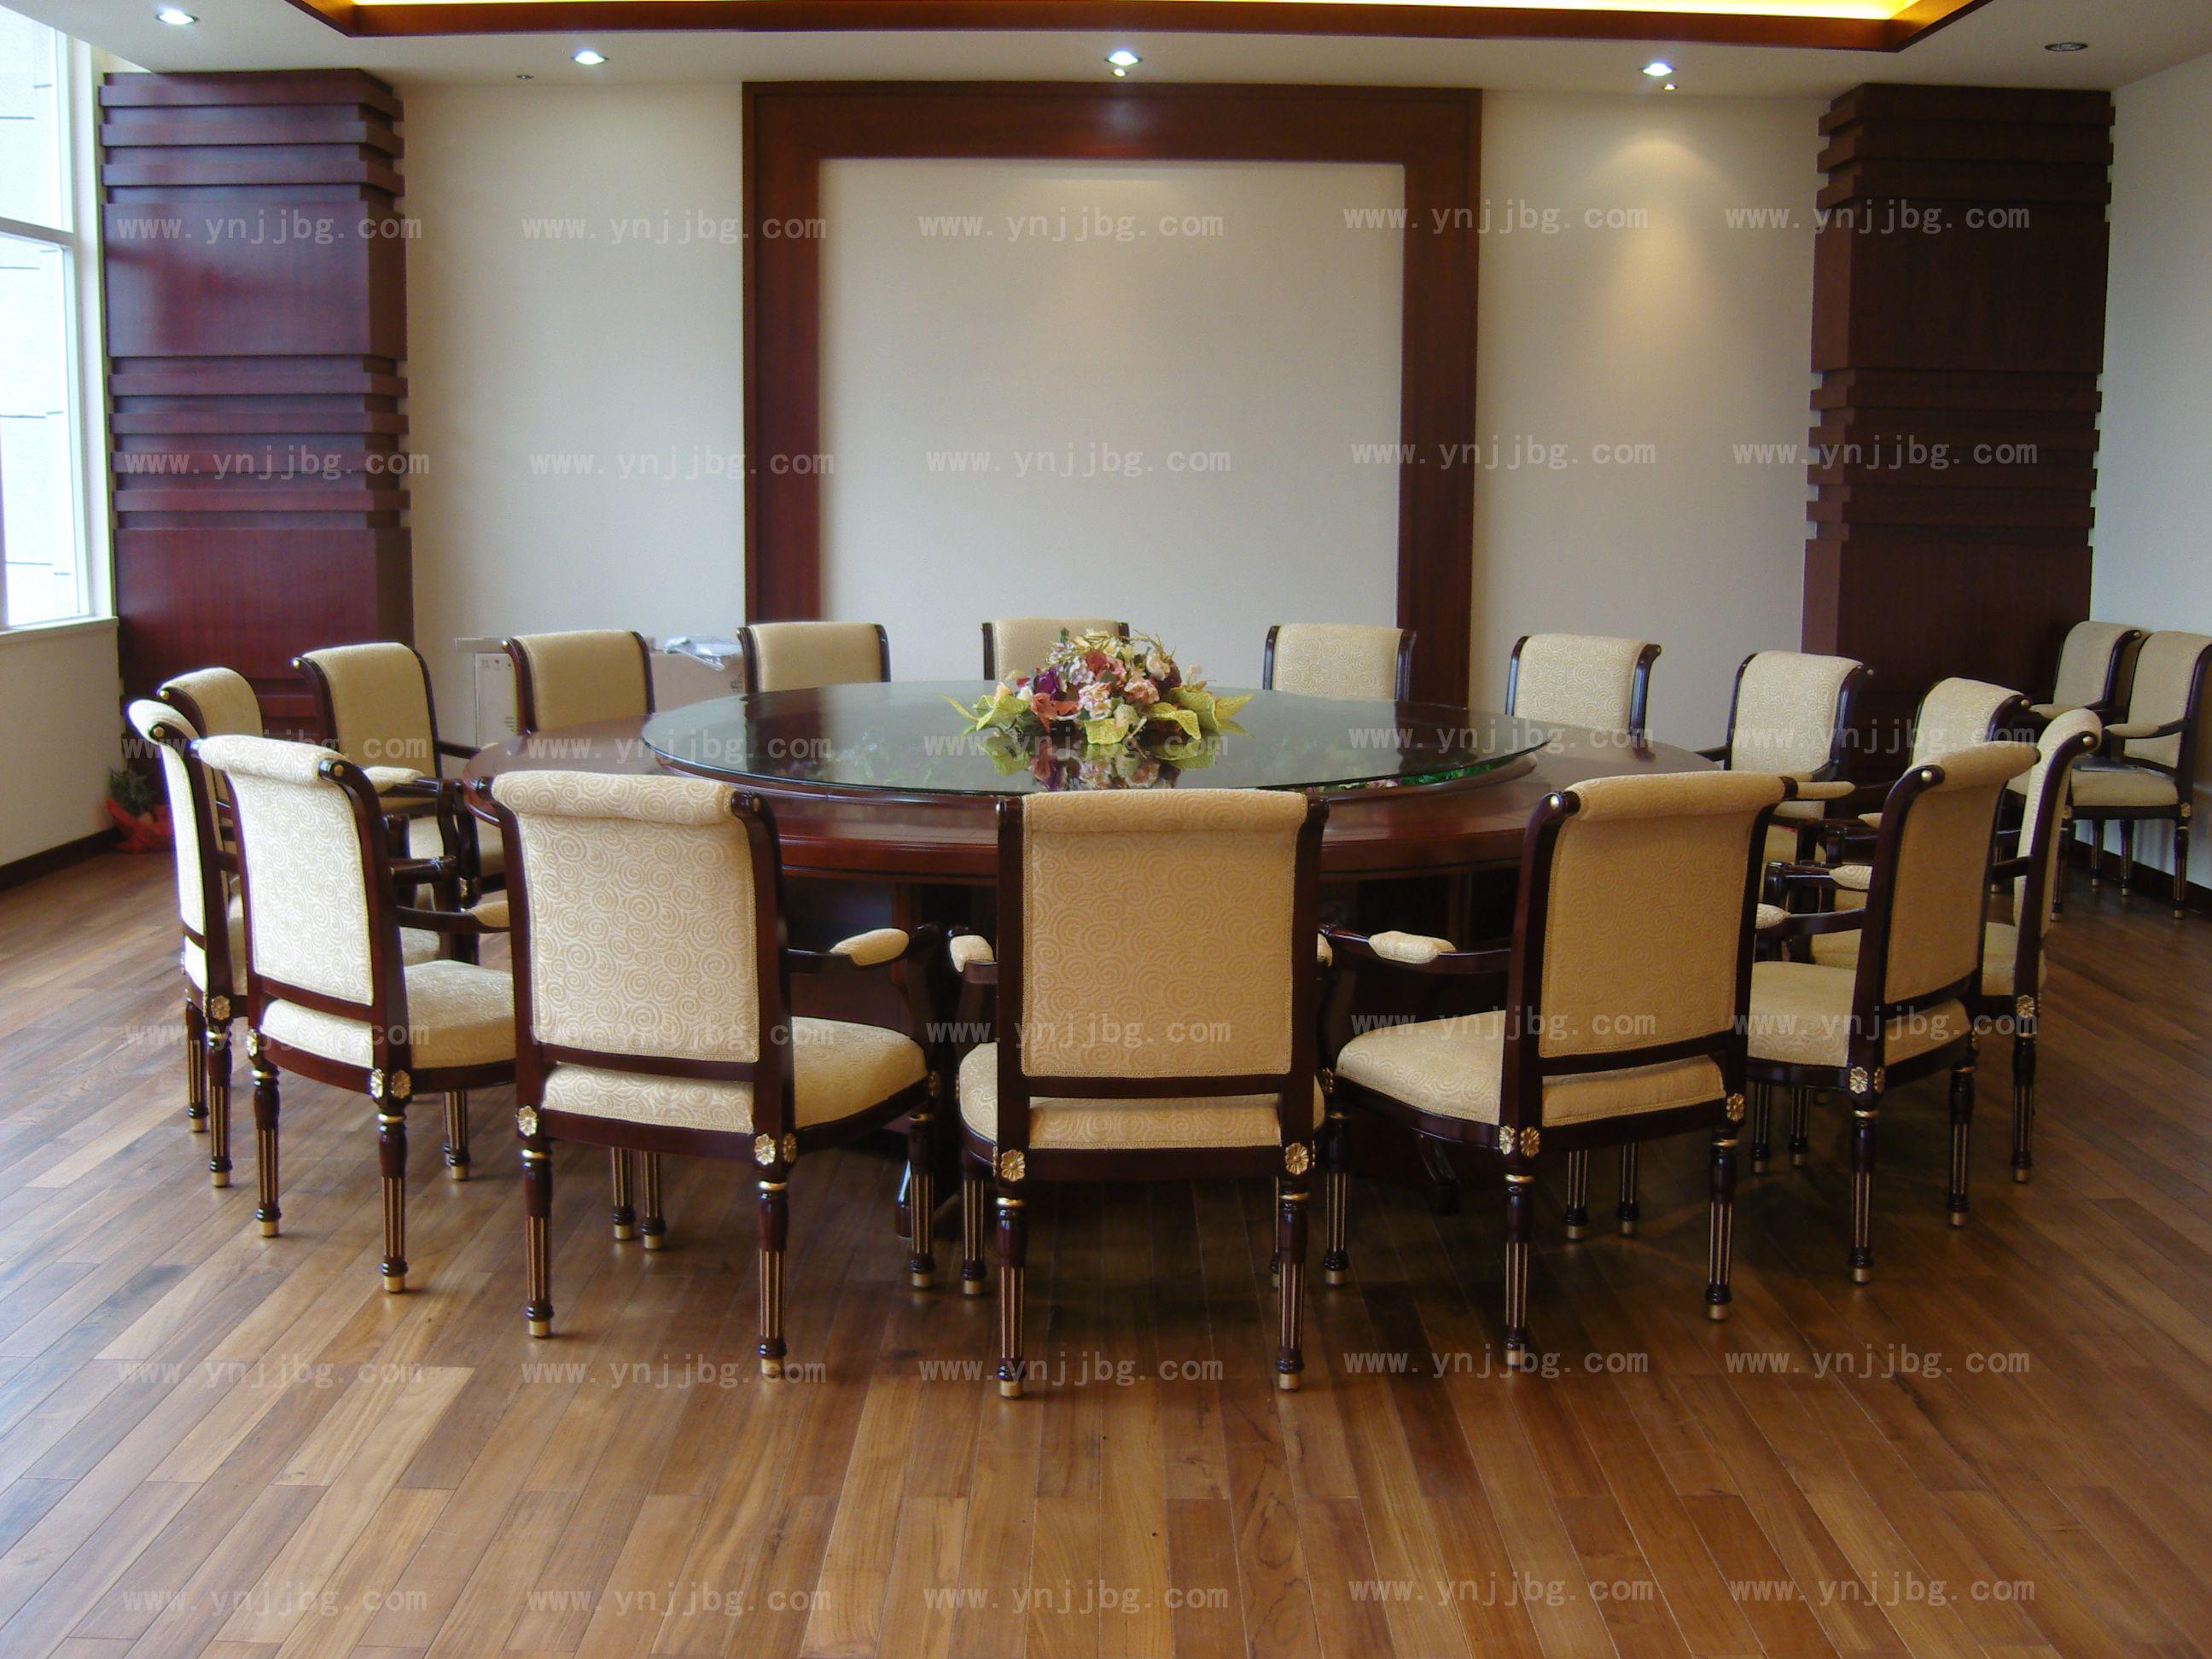 瑞鑫酒店餐厅客户案例展示